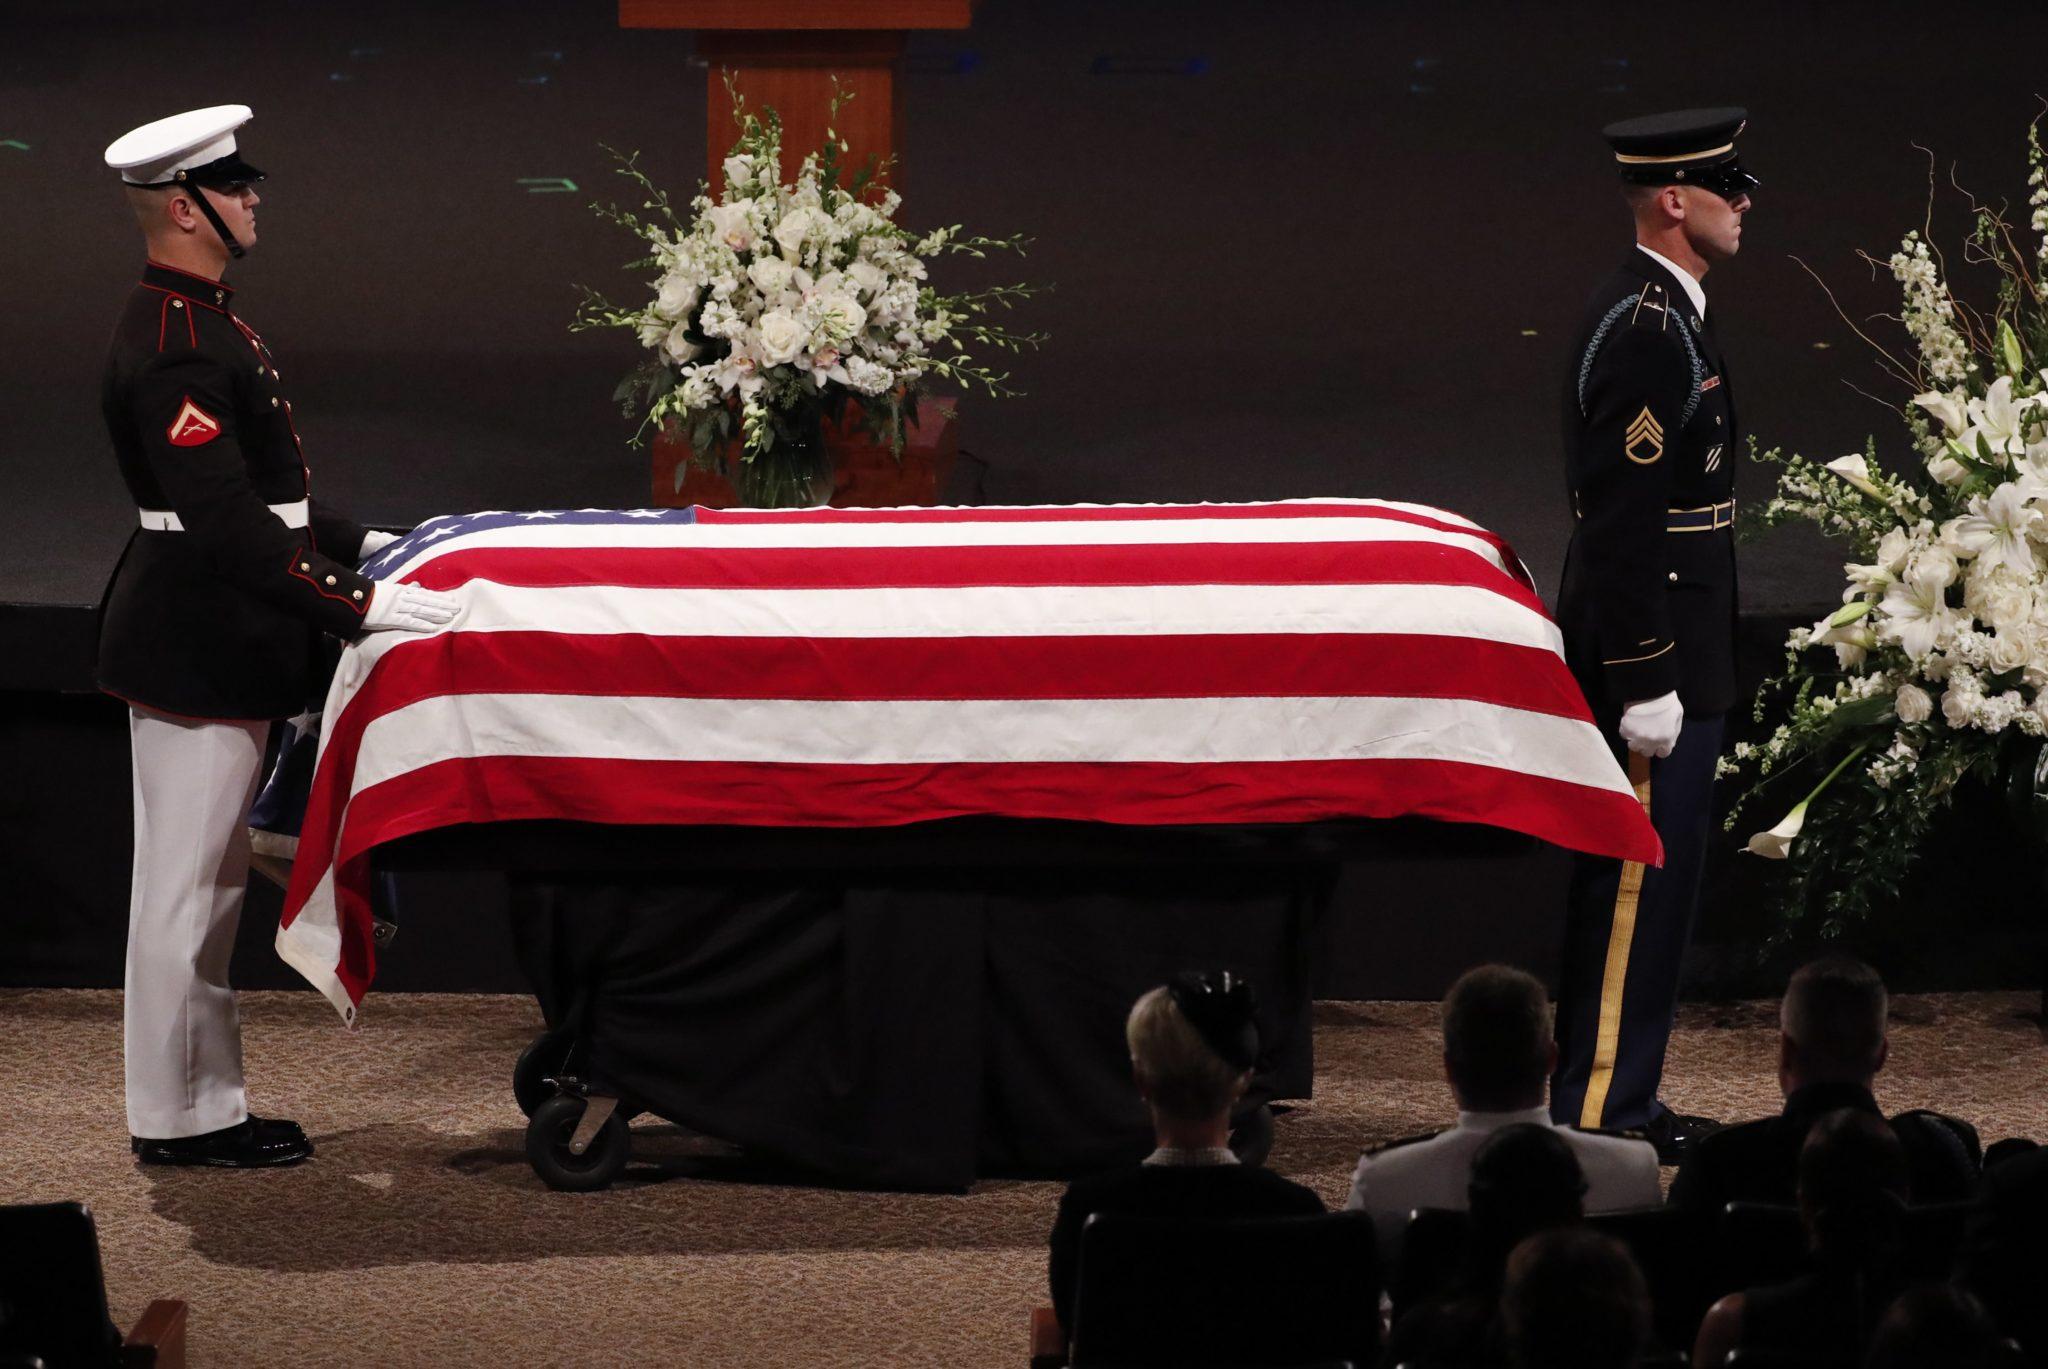 W rotundzie Kapitolu stanu Arizona w Phoenix wystawiona została trumna z ciałem zmarłego amerykańskiego senatora Johna McCaina. Z politykiem żegnała się rodzina, byli koledzy i współpracownicy, a także przedstawiciele lokalnych władz, fot. PAP/EPA